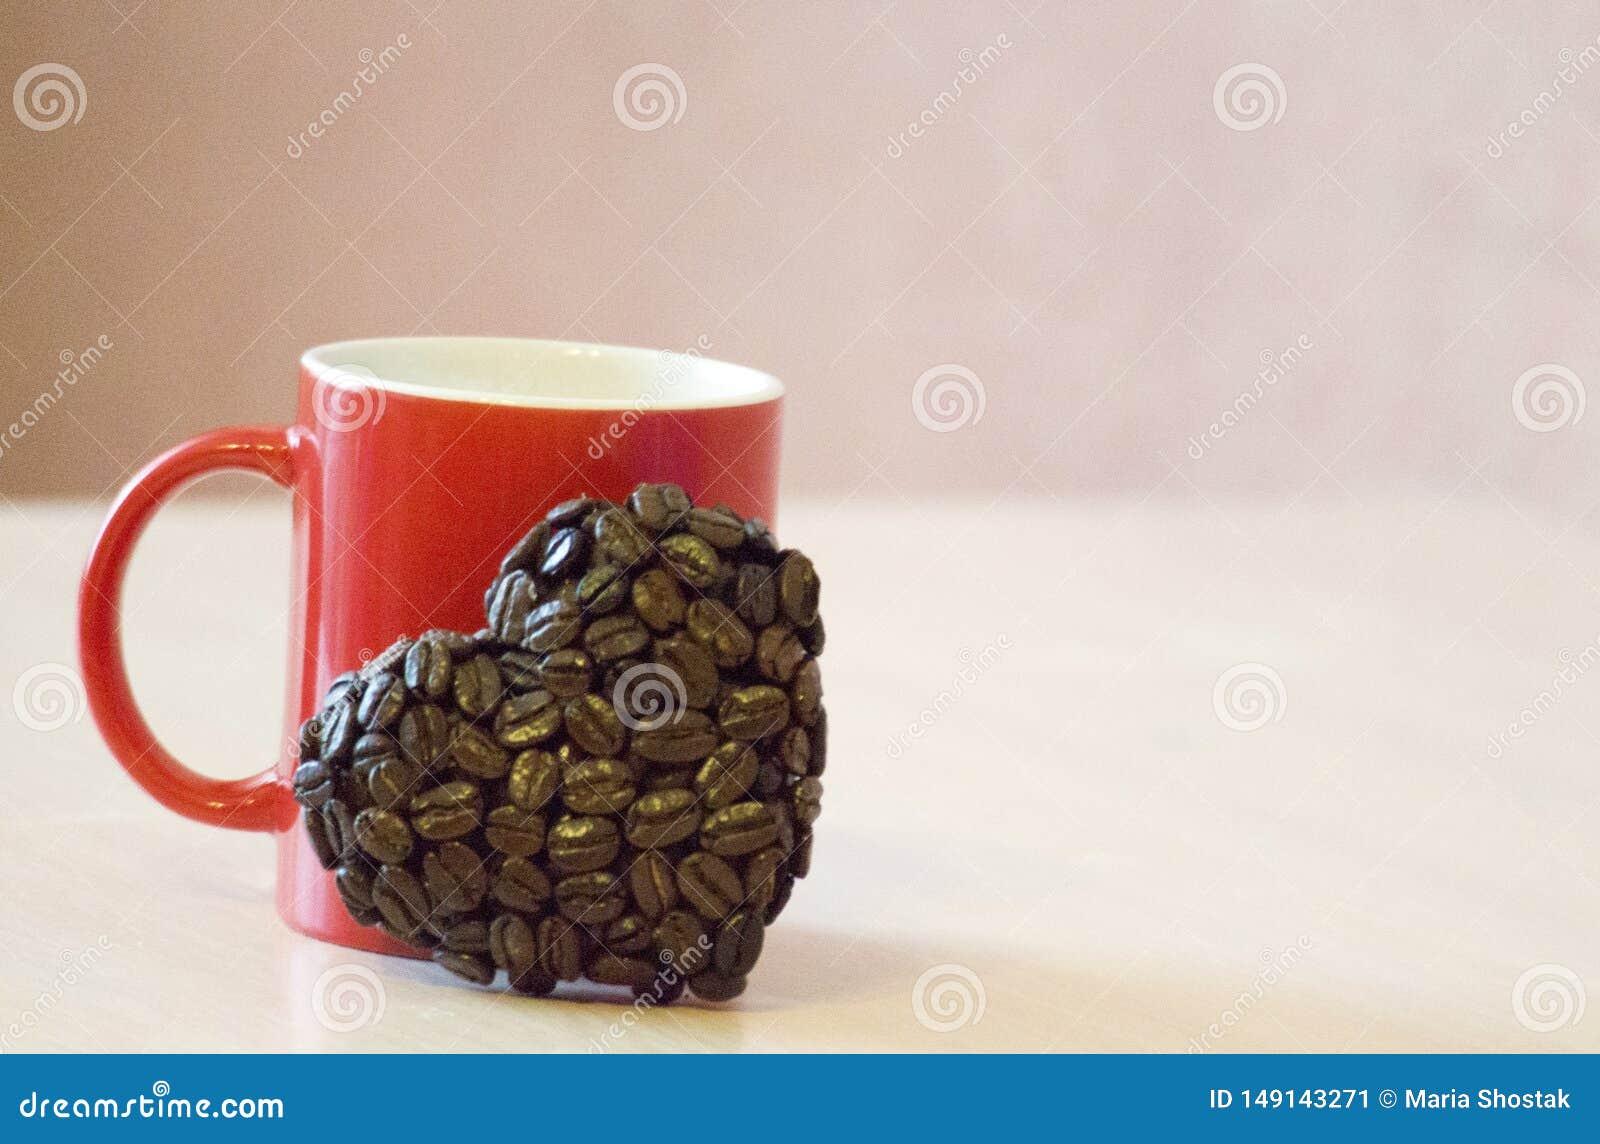 Η κόκκινη κούπα στέκεται στον πίνακα, κοντά στην κούπα η μορφή καρδιών των φασολιών καφέ, ένα σύμβολο της αγάπης